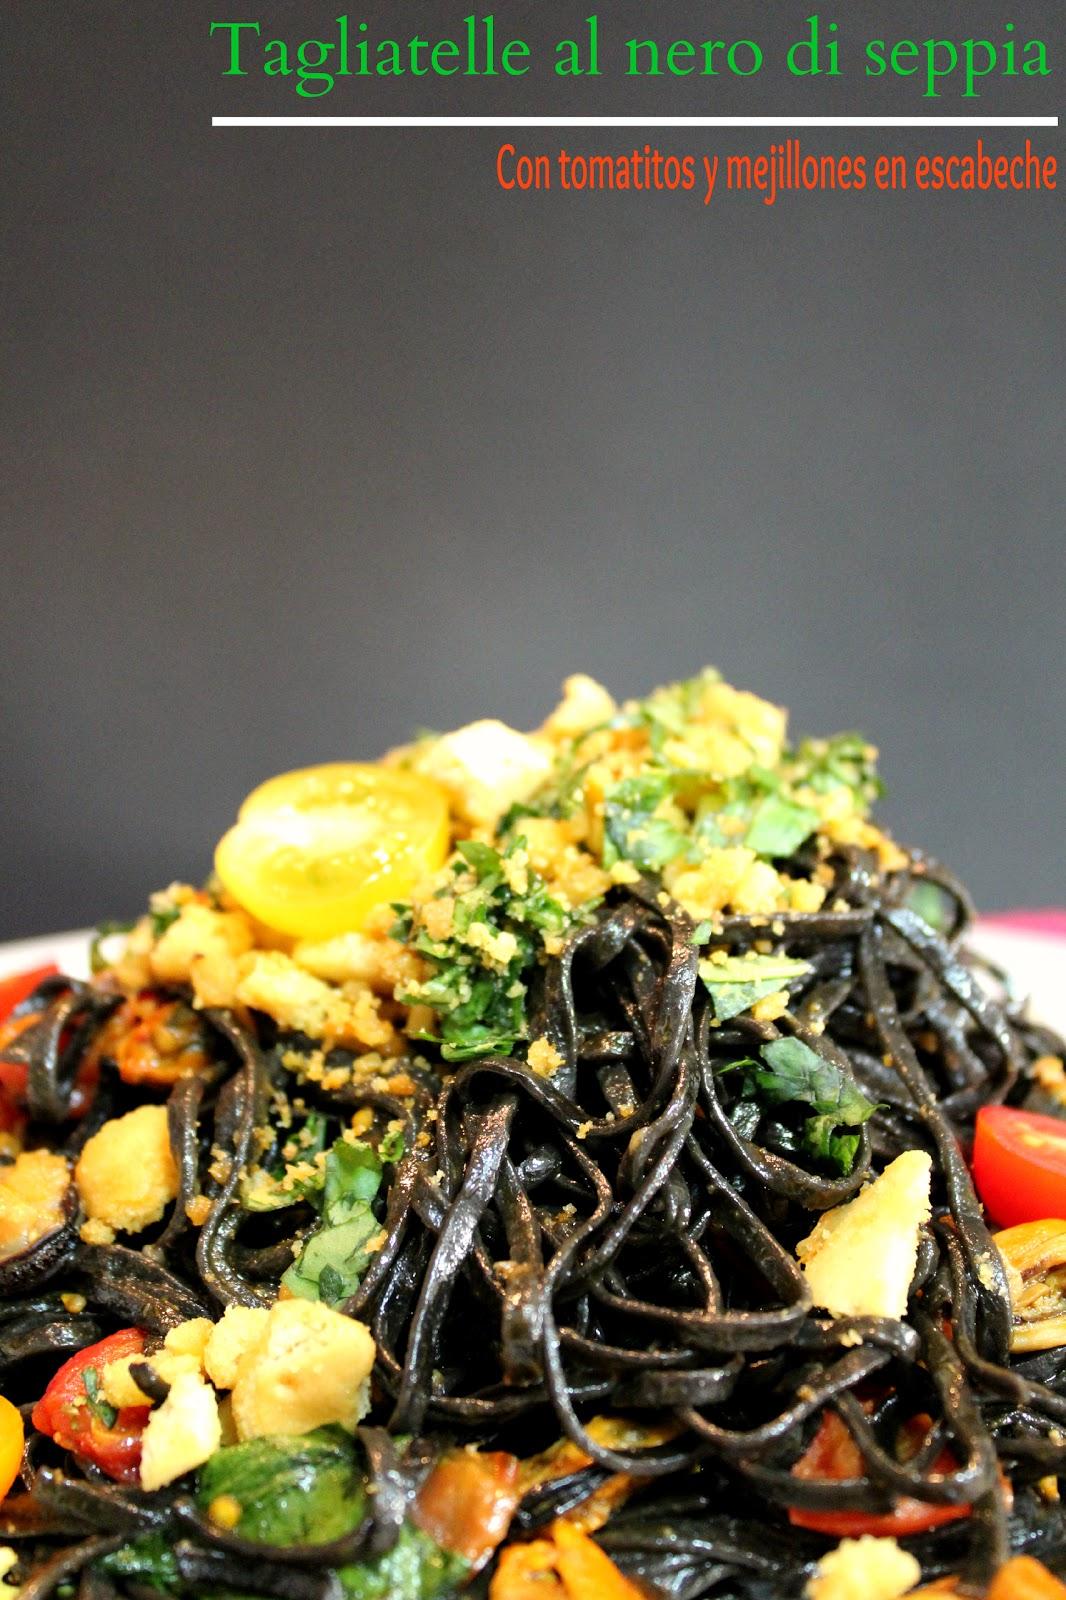 Tagliatelle al nero di seppia con tomates y mejillones